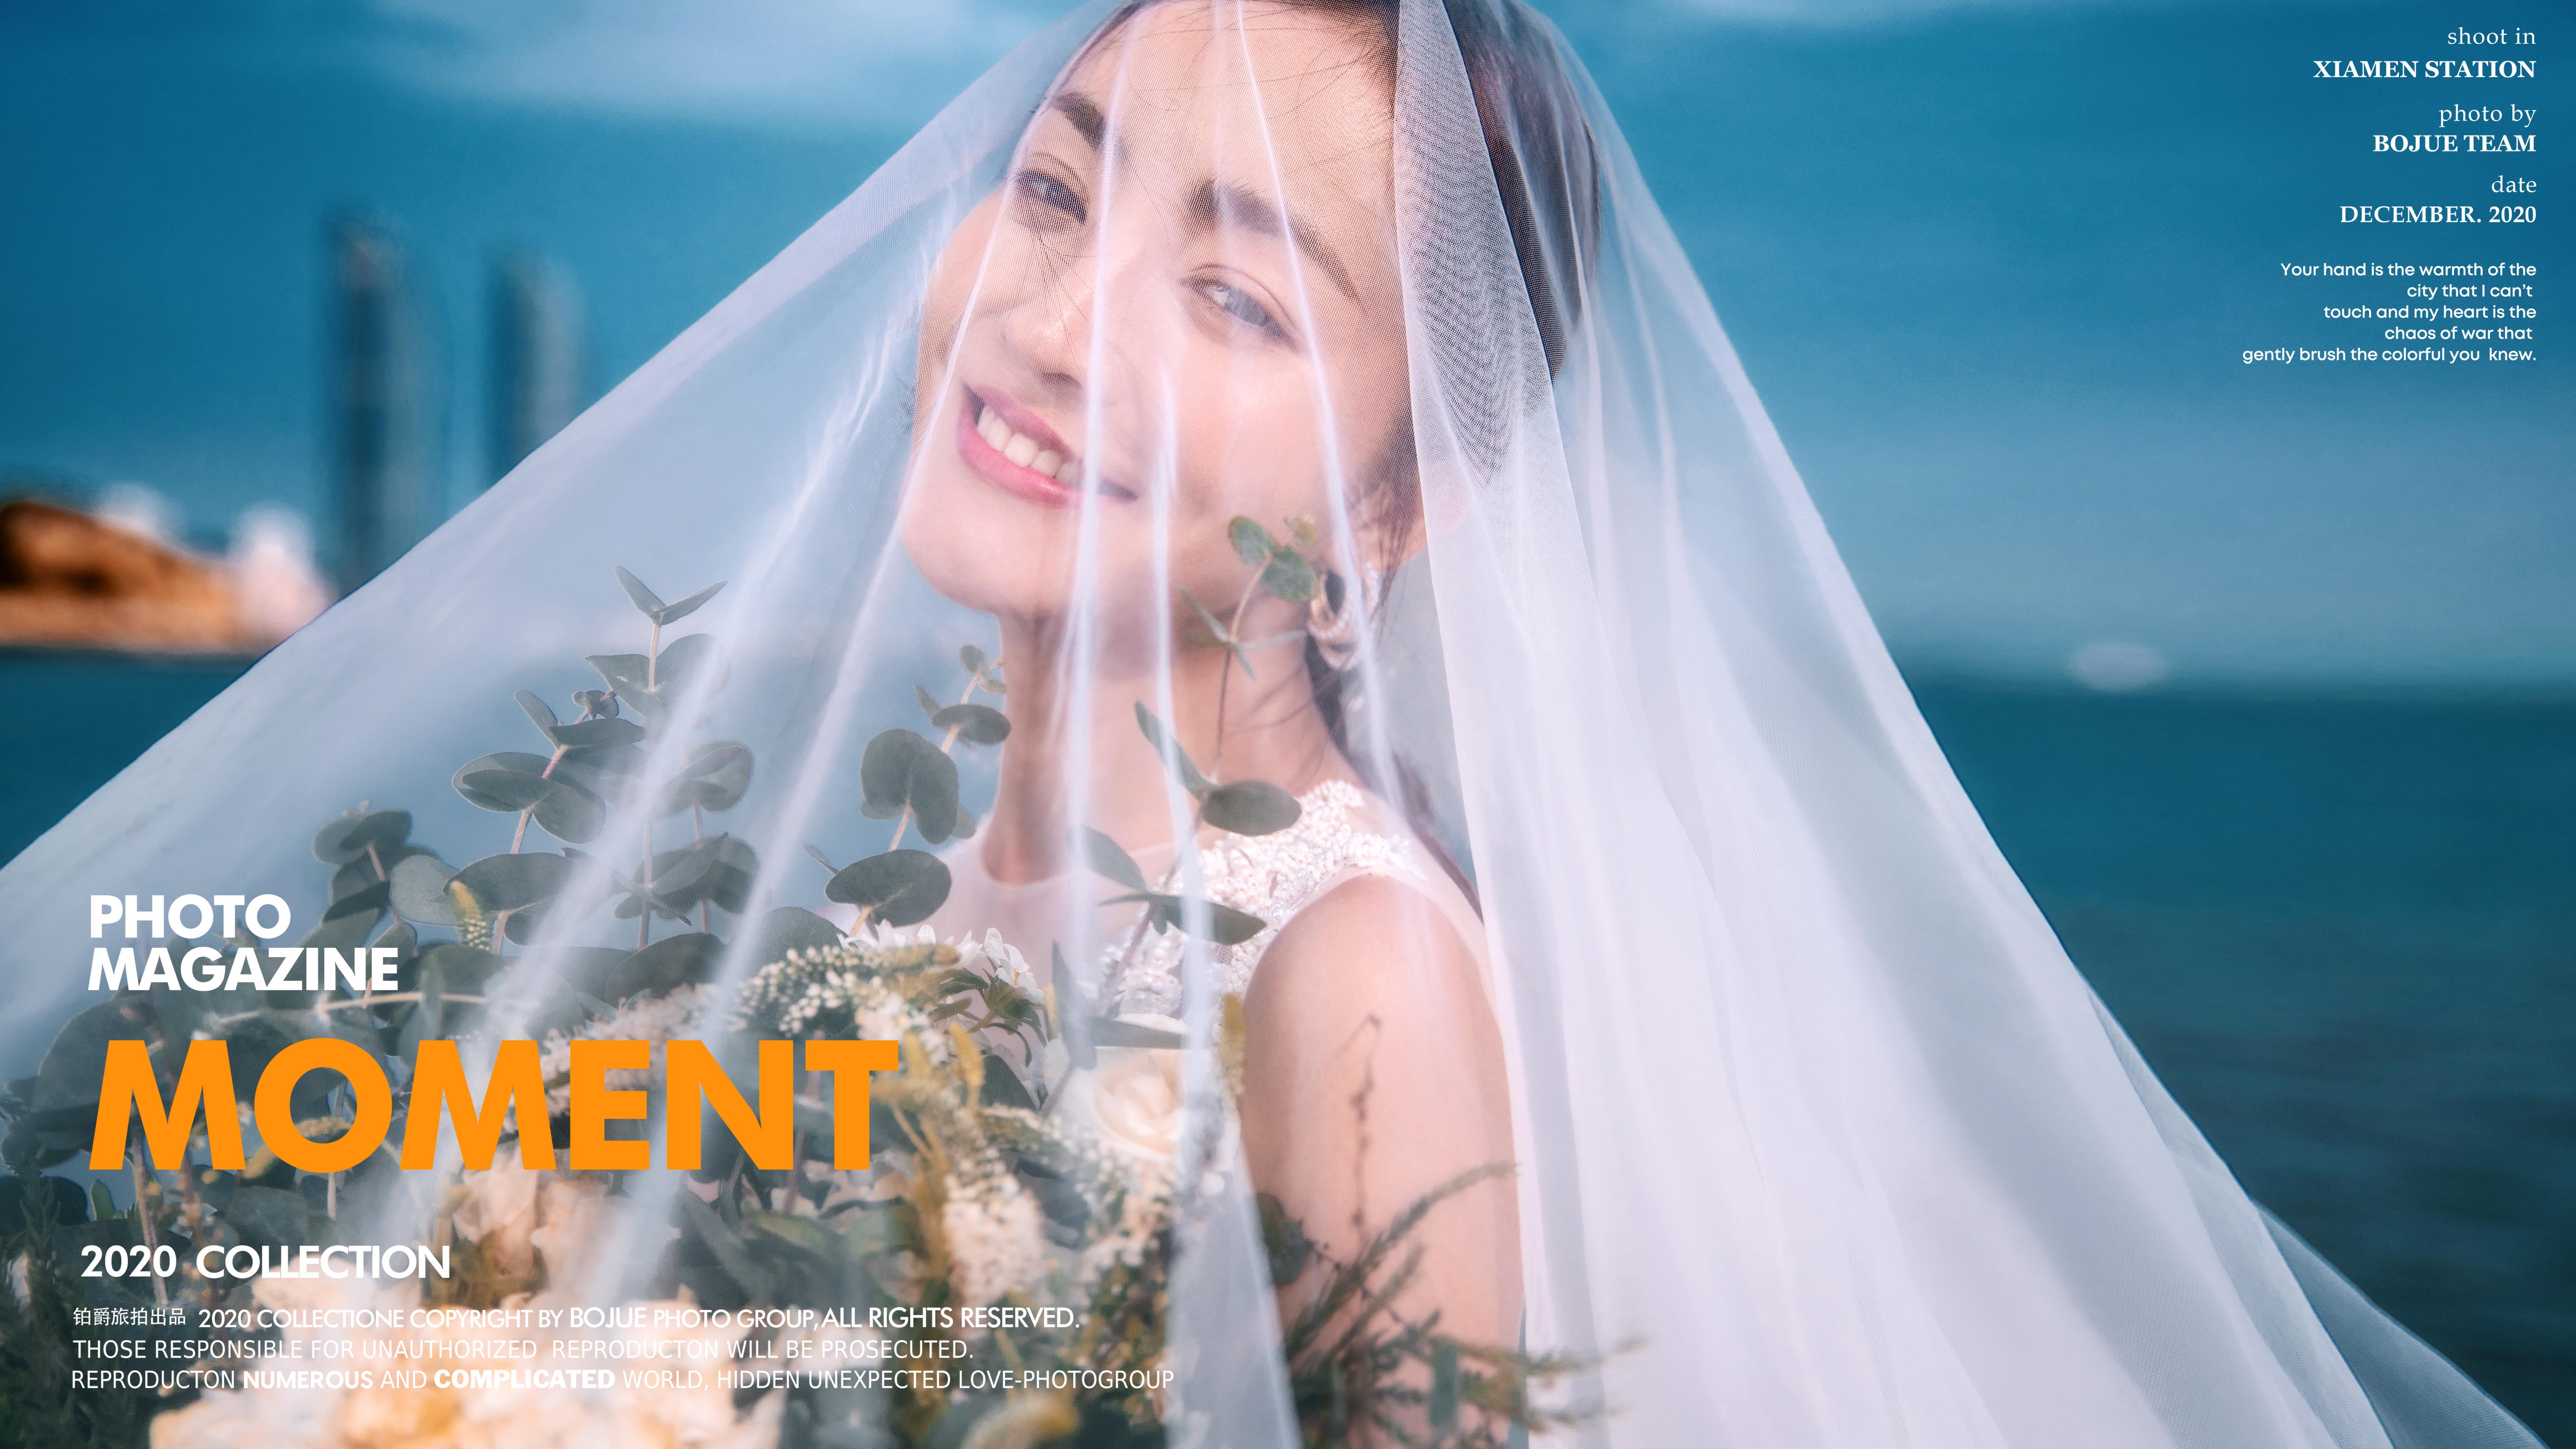 厦门婚纱摄影 厦门拍婚纱照1月份冷不冷?哪些地方好?